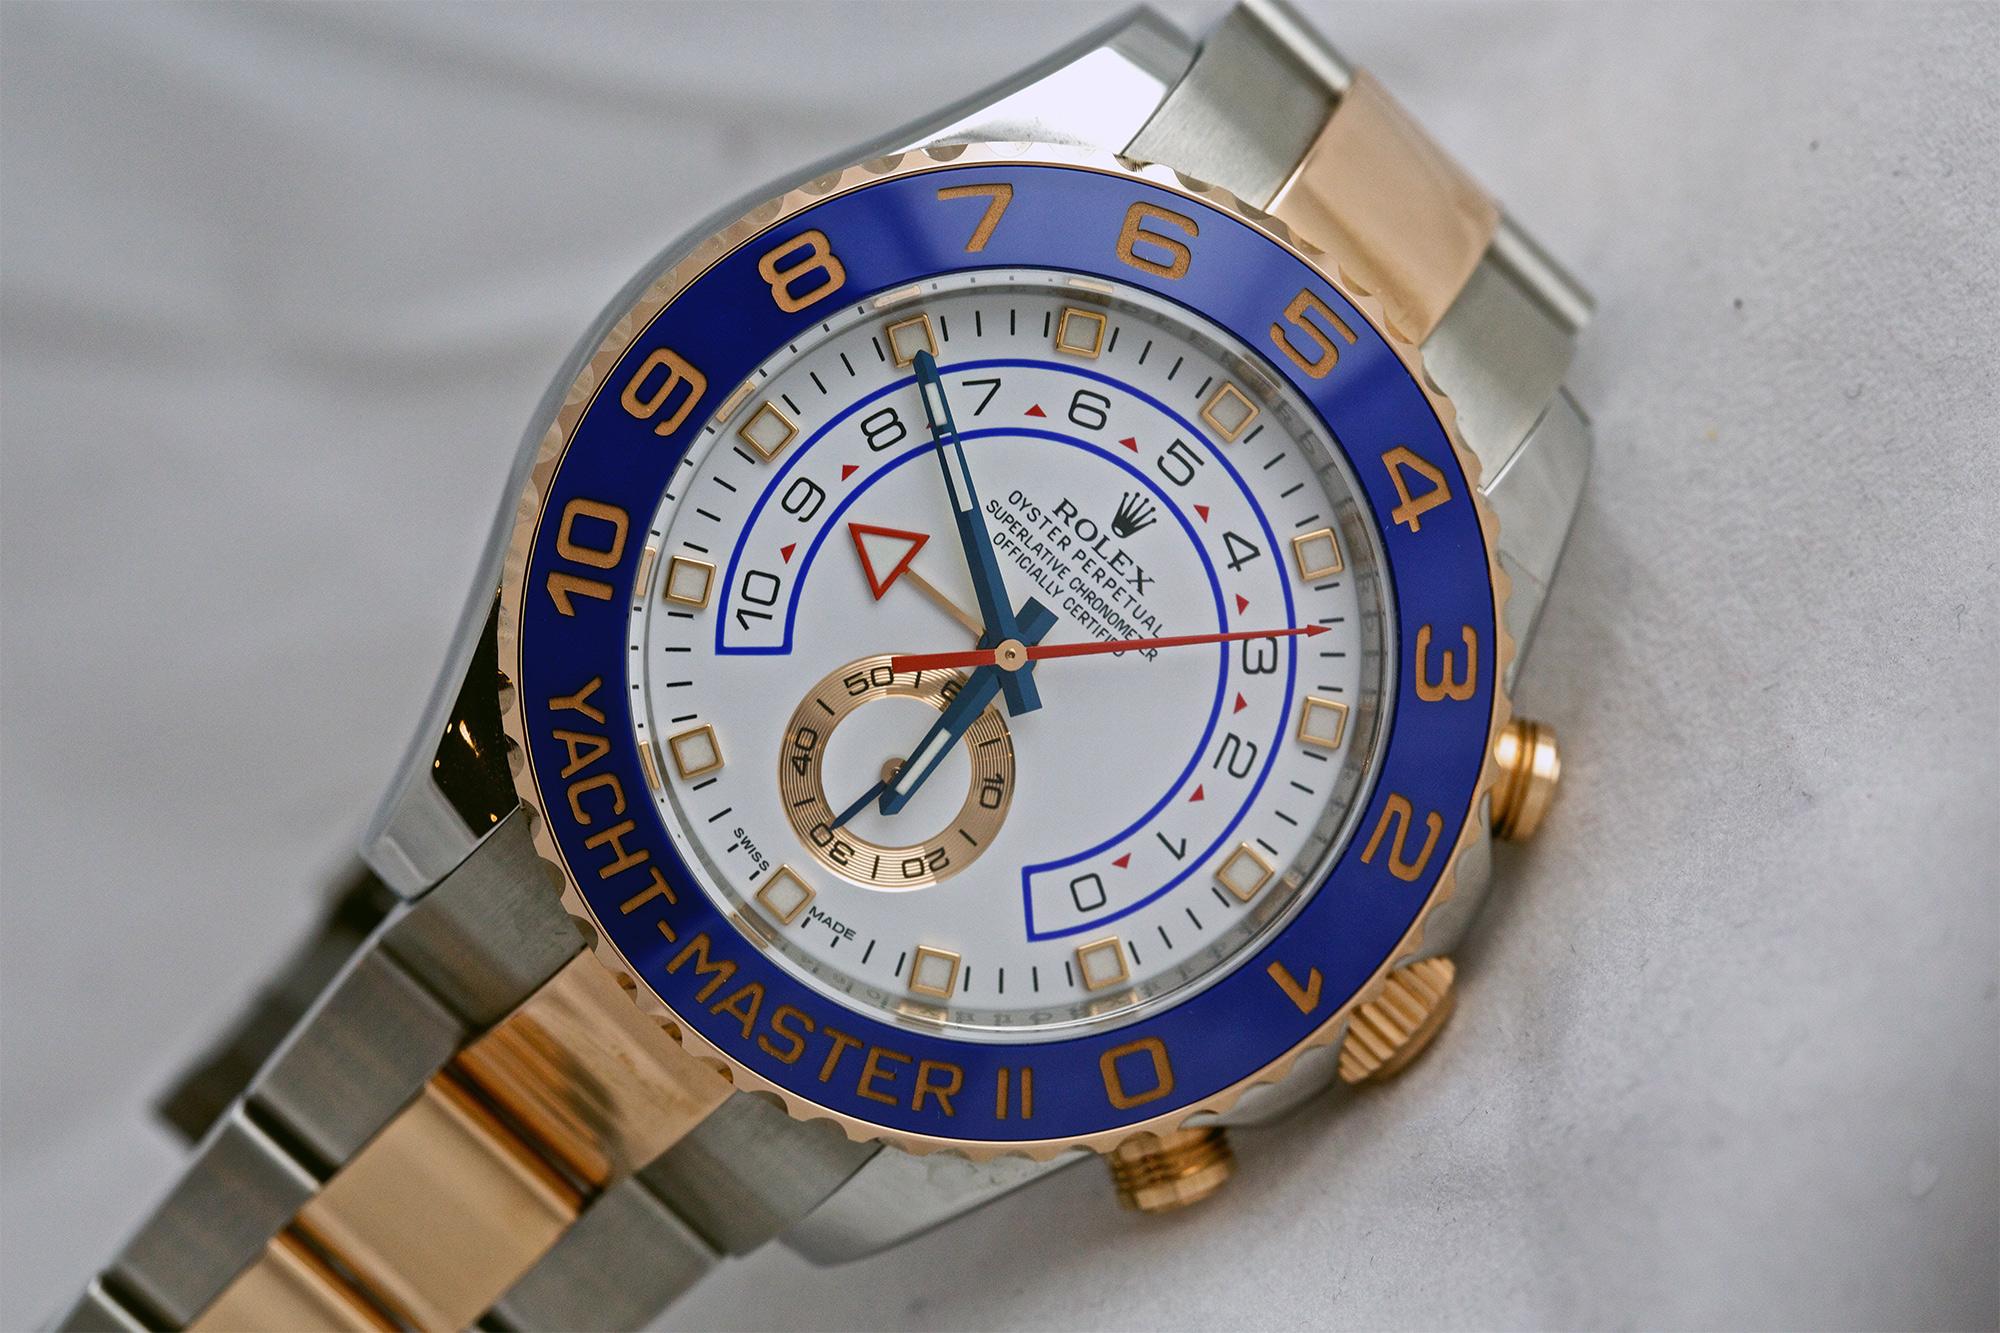 Rolex Yacht-Master II (Ref. 116681)